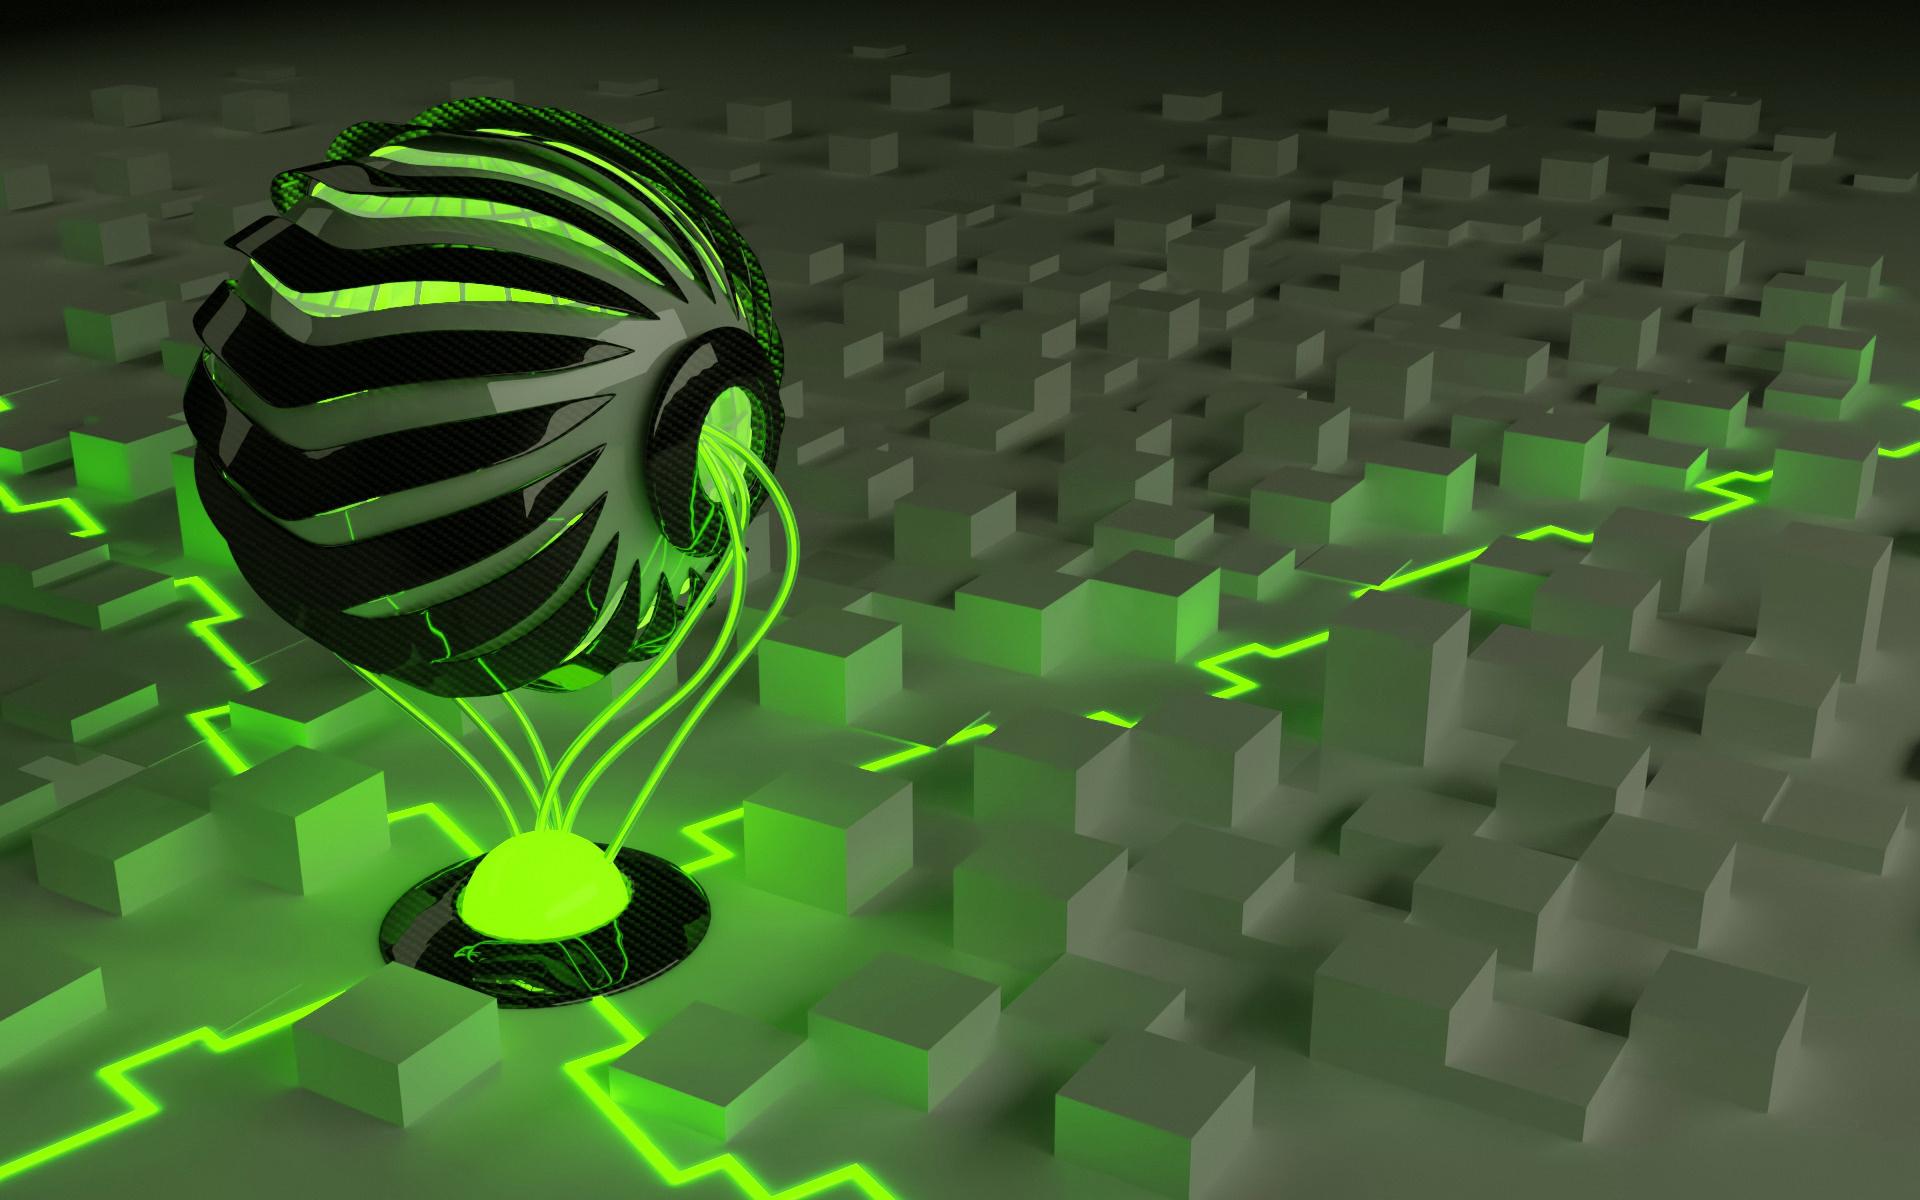 Hình nền 3D khinh khí cầu